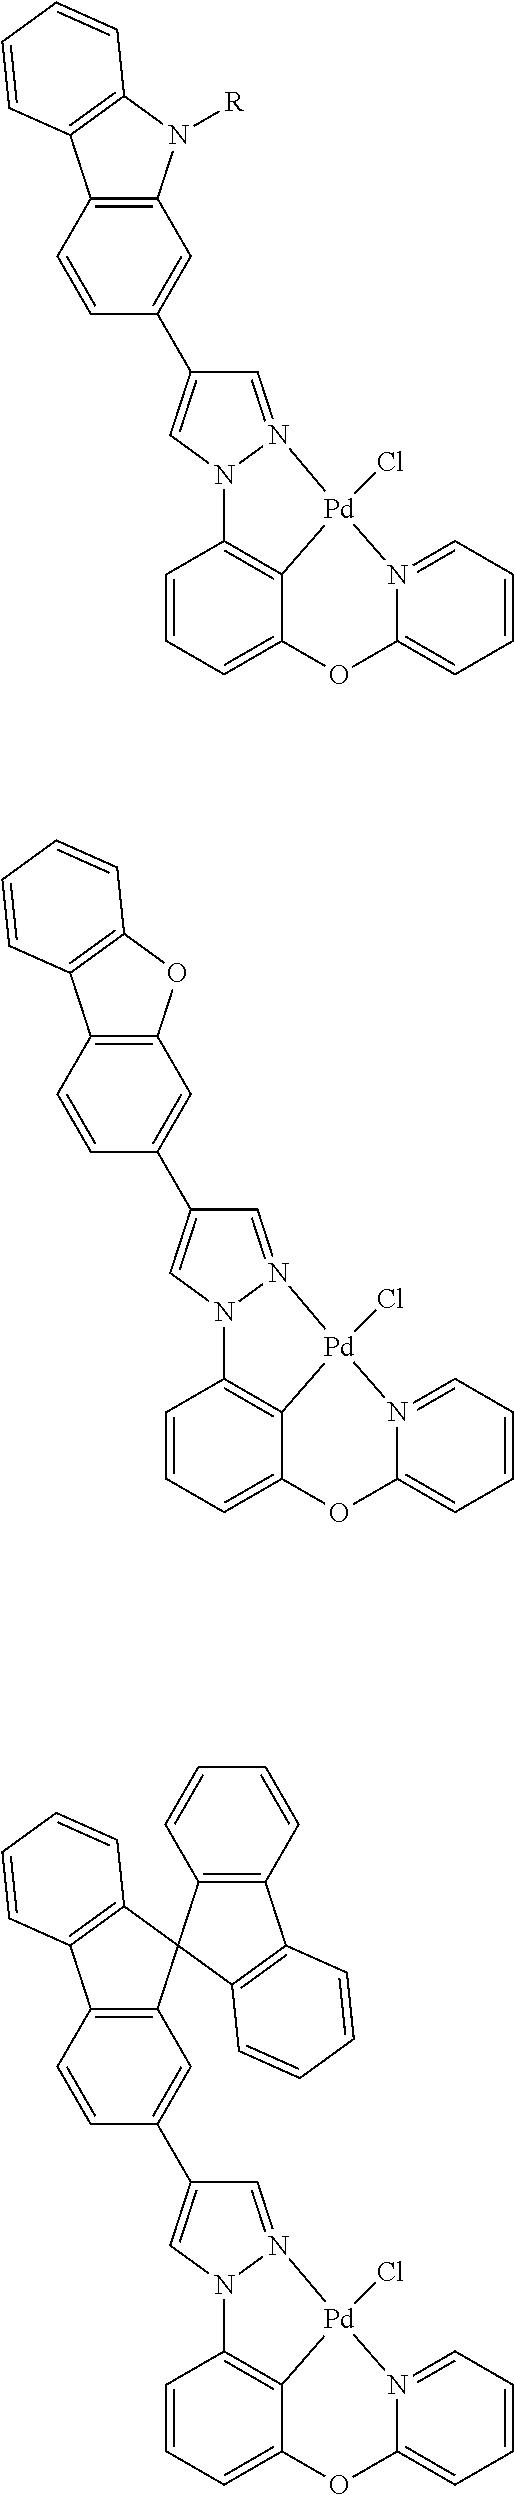 Figure US09818959-20171114-C00523